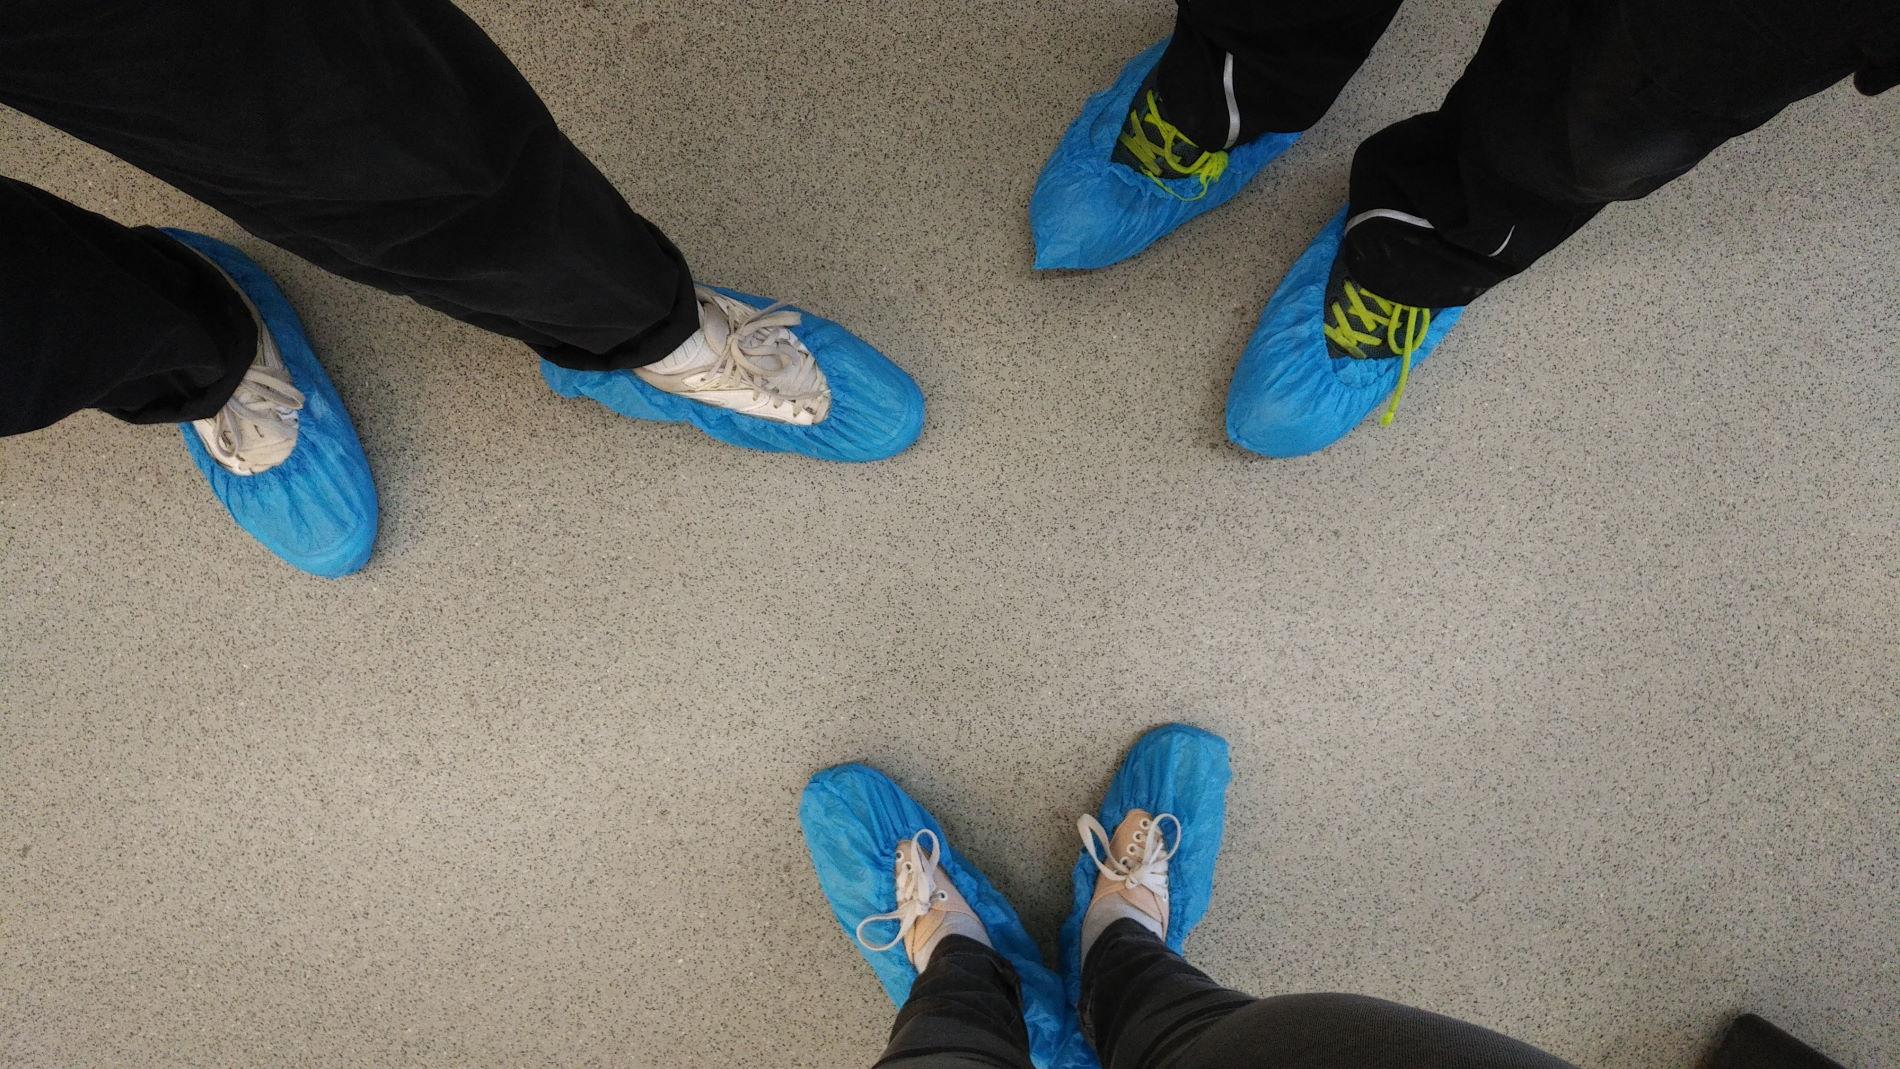 Füße mit Überschuh